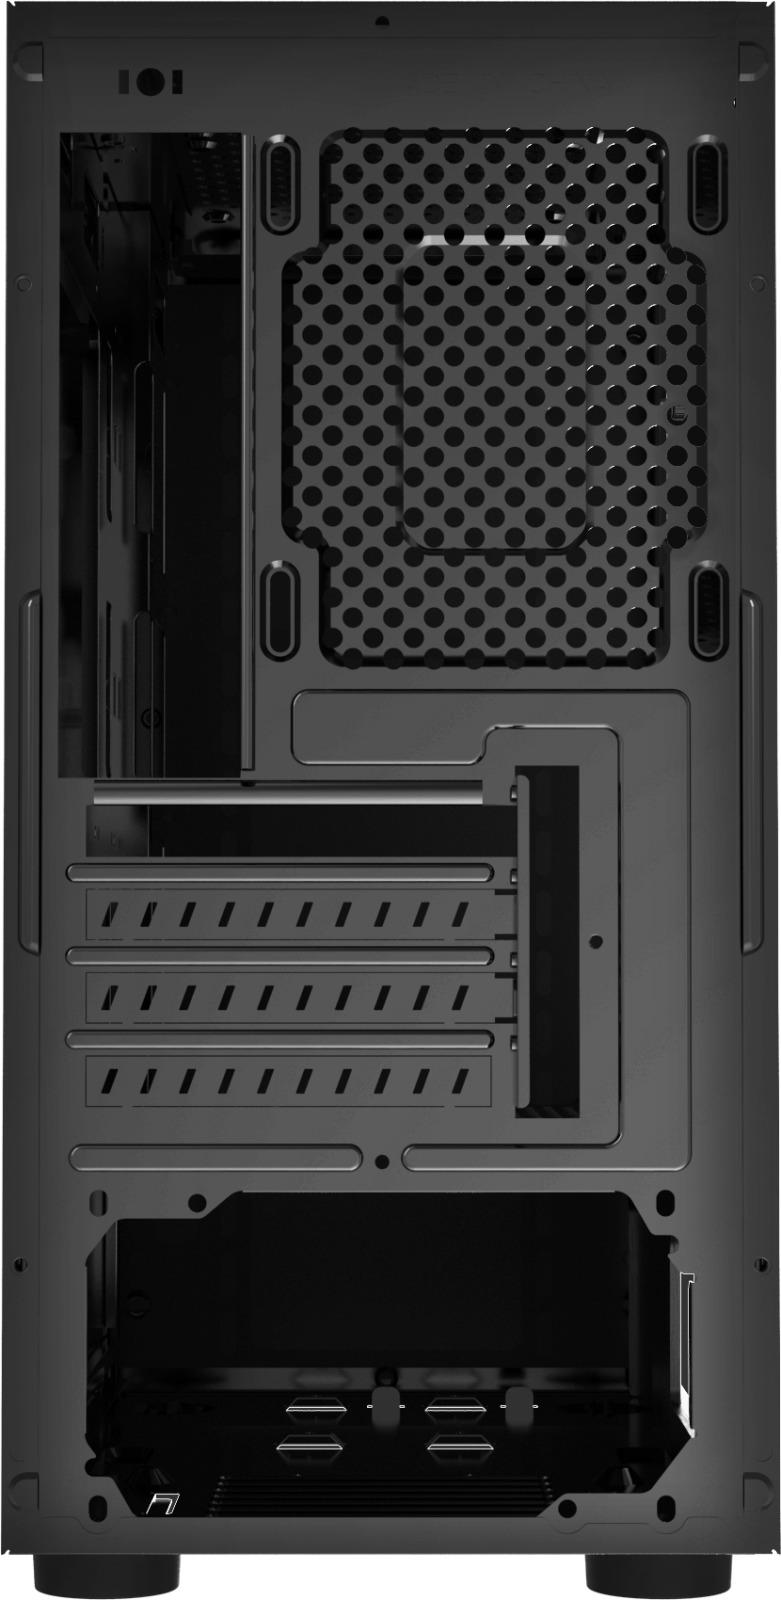 Xigmatek Scorpio II Mini Tower Case image